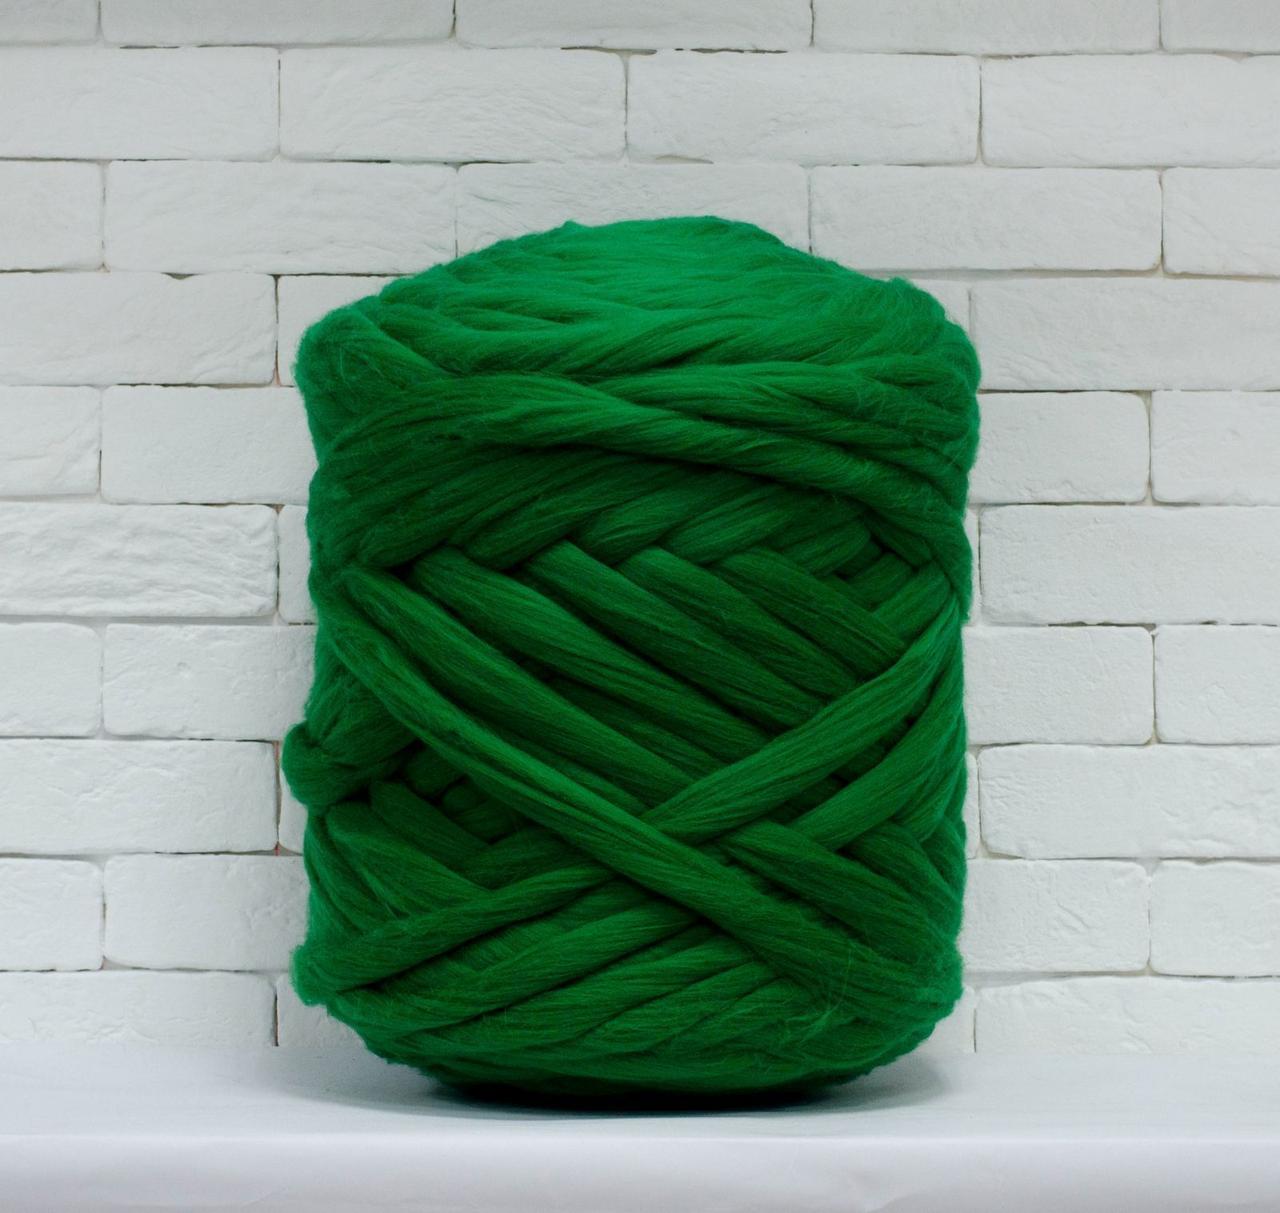 Толстая, крупная пряжа 100% шерсть 1кг (40м). 25 мкрн. Цвет: Зеленый. Топс. Лента для пледов